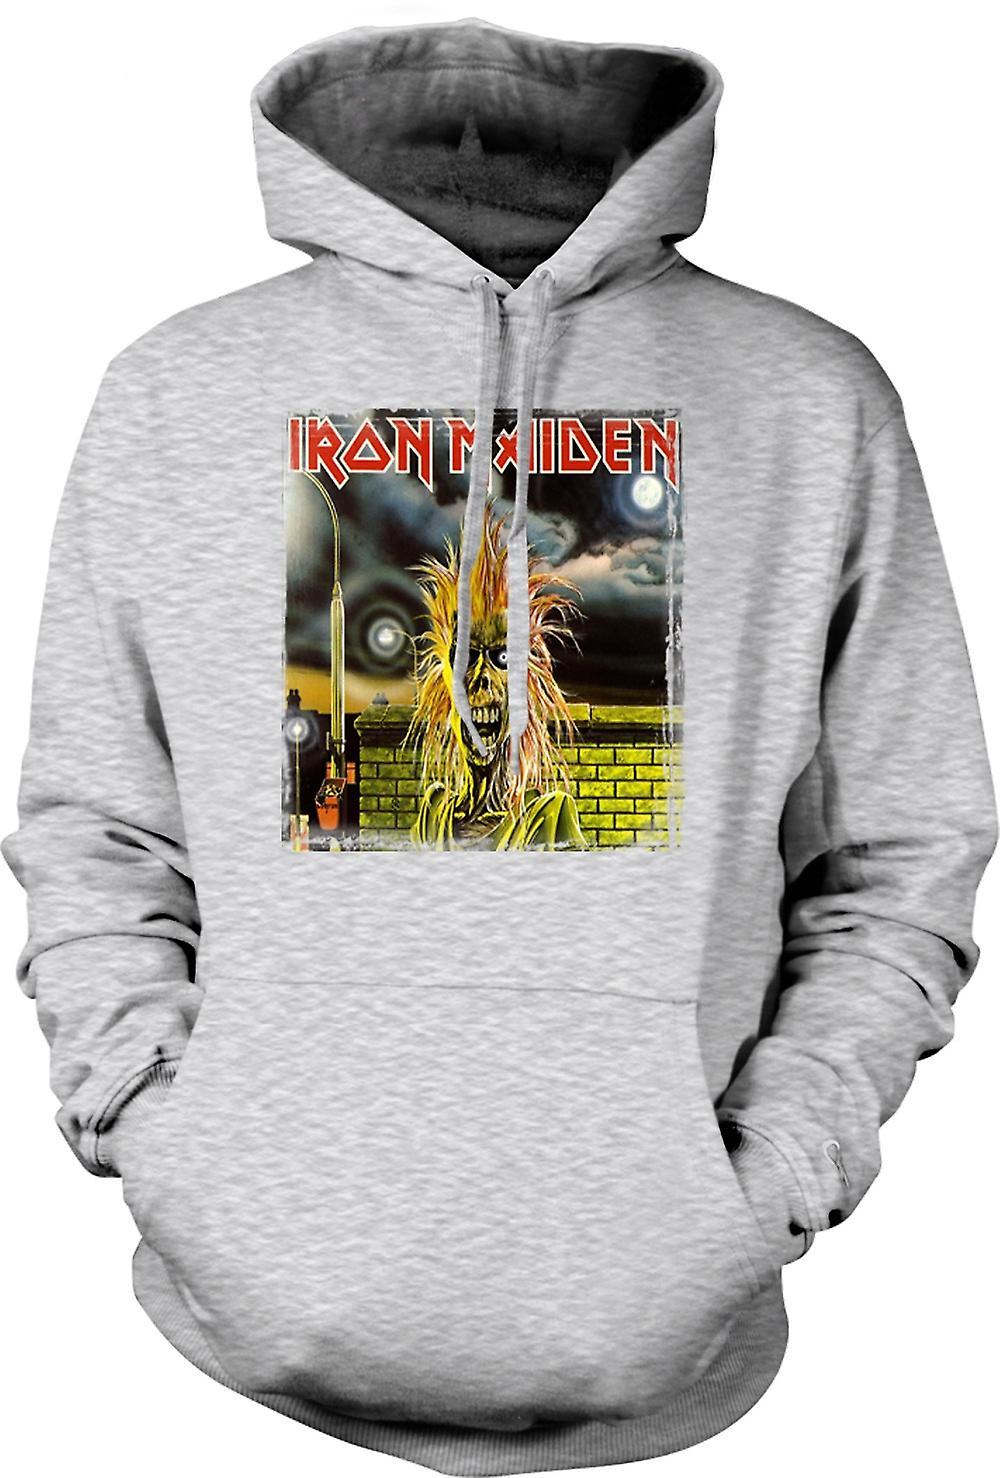 Mens-Hoodie - Iron Maiden - Album-Cover